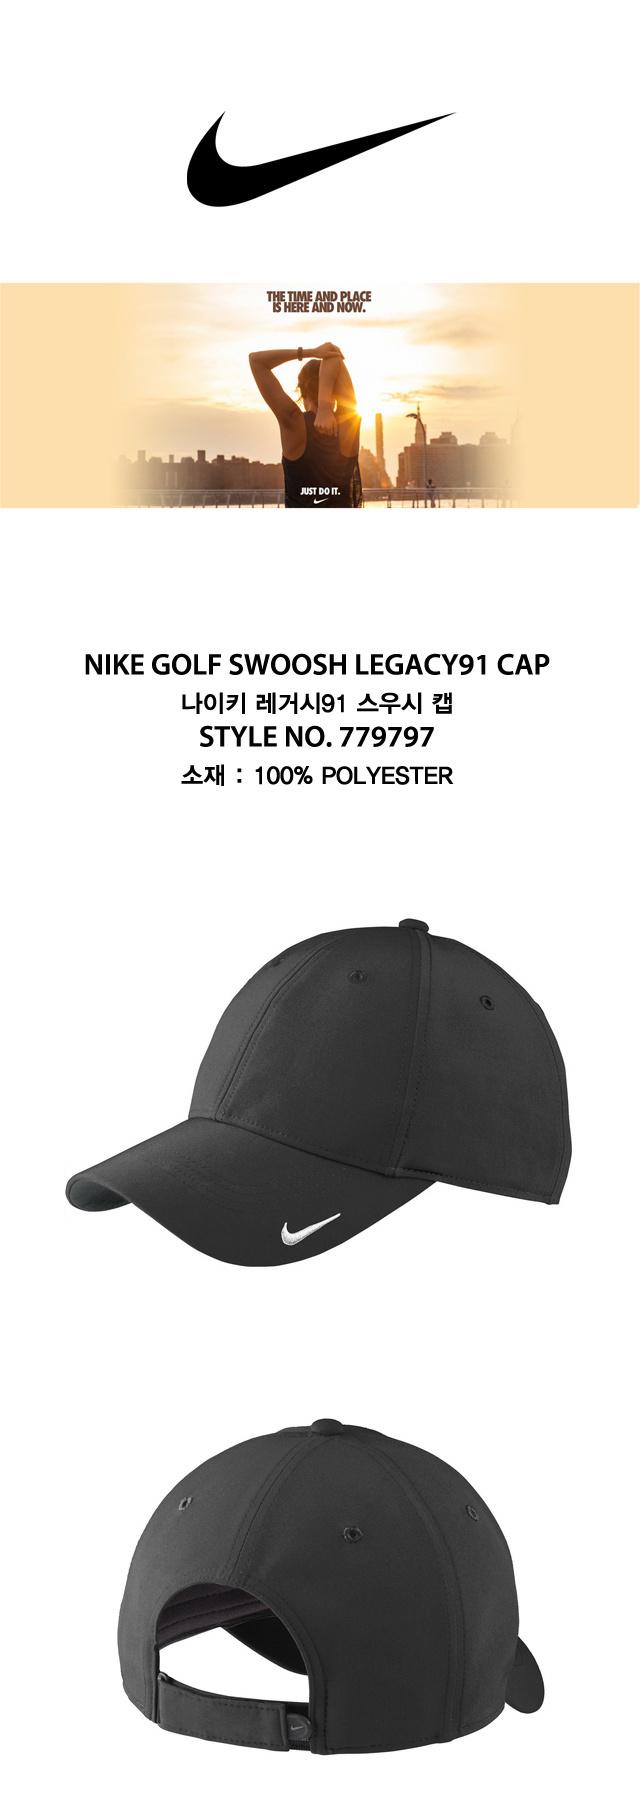 나이키(NIKE) 레거시91 스우시 캡 정품 볼캡 모자 779797 블랙